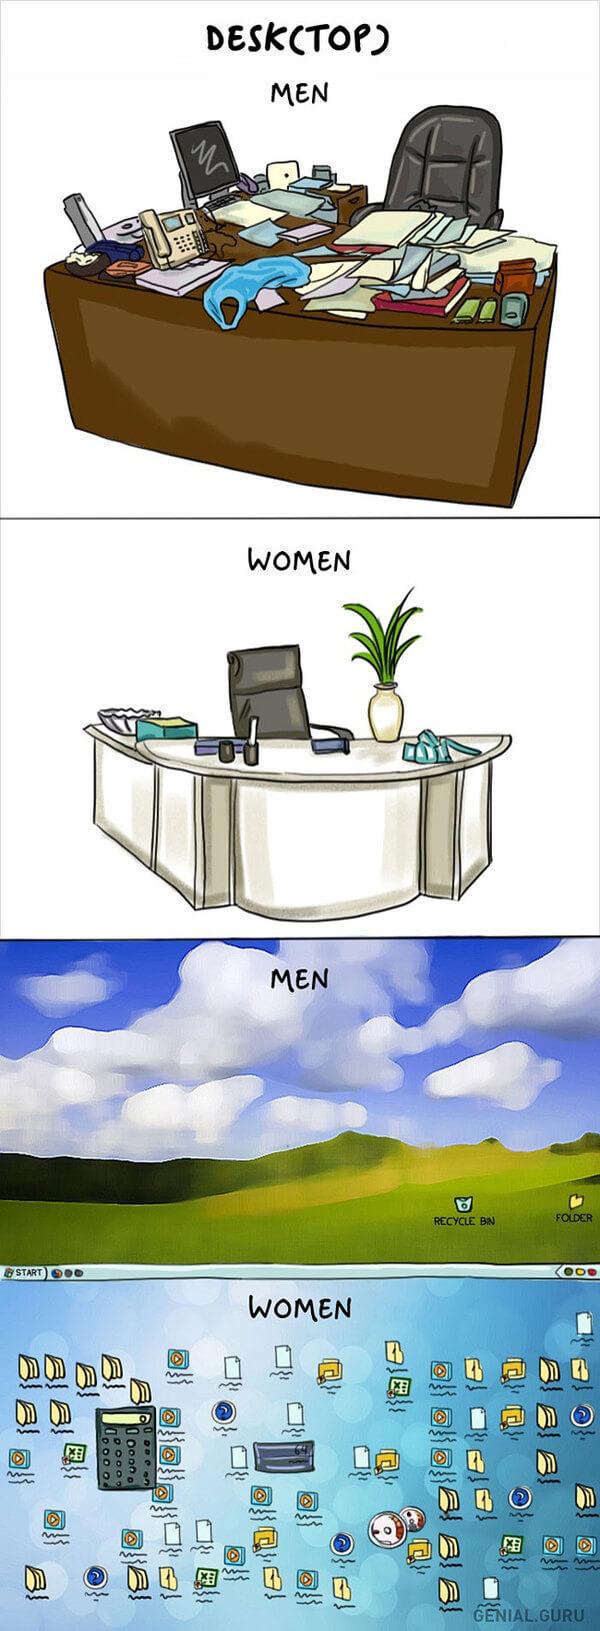 Differences Between Genders 11